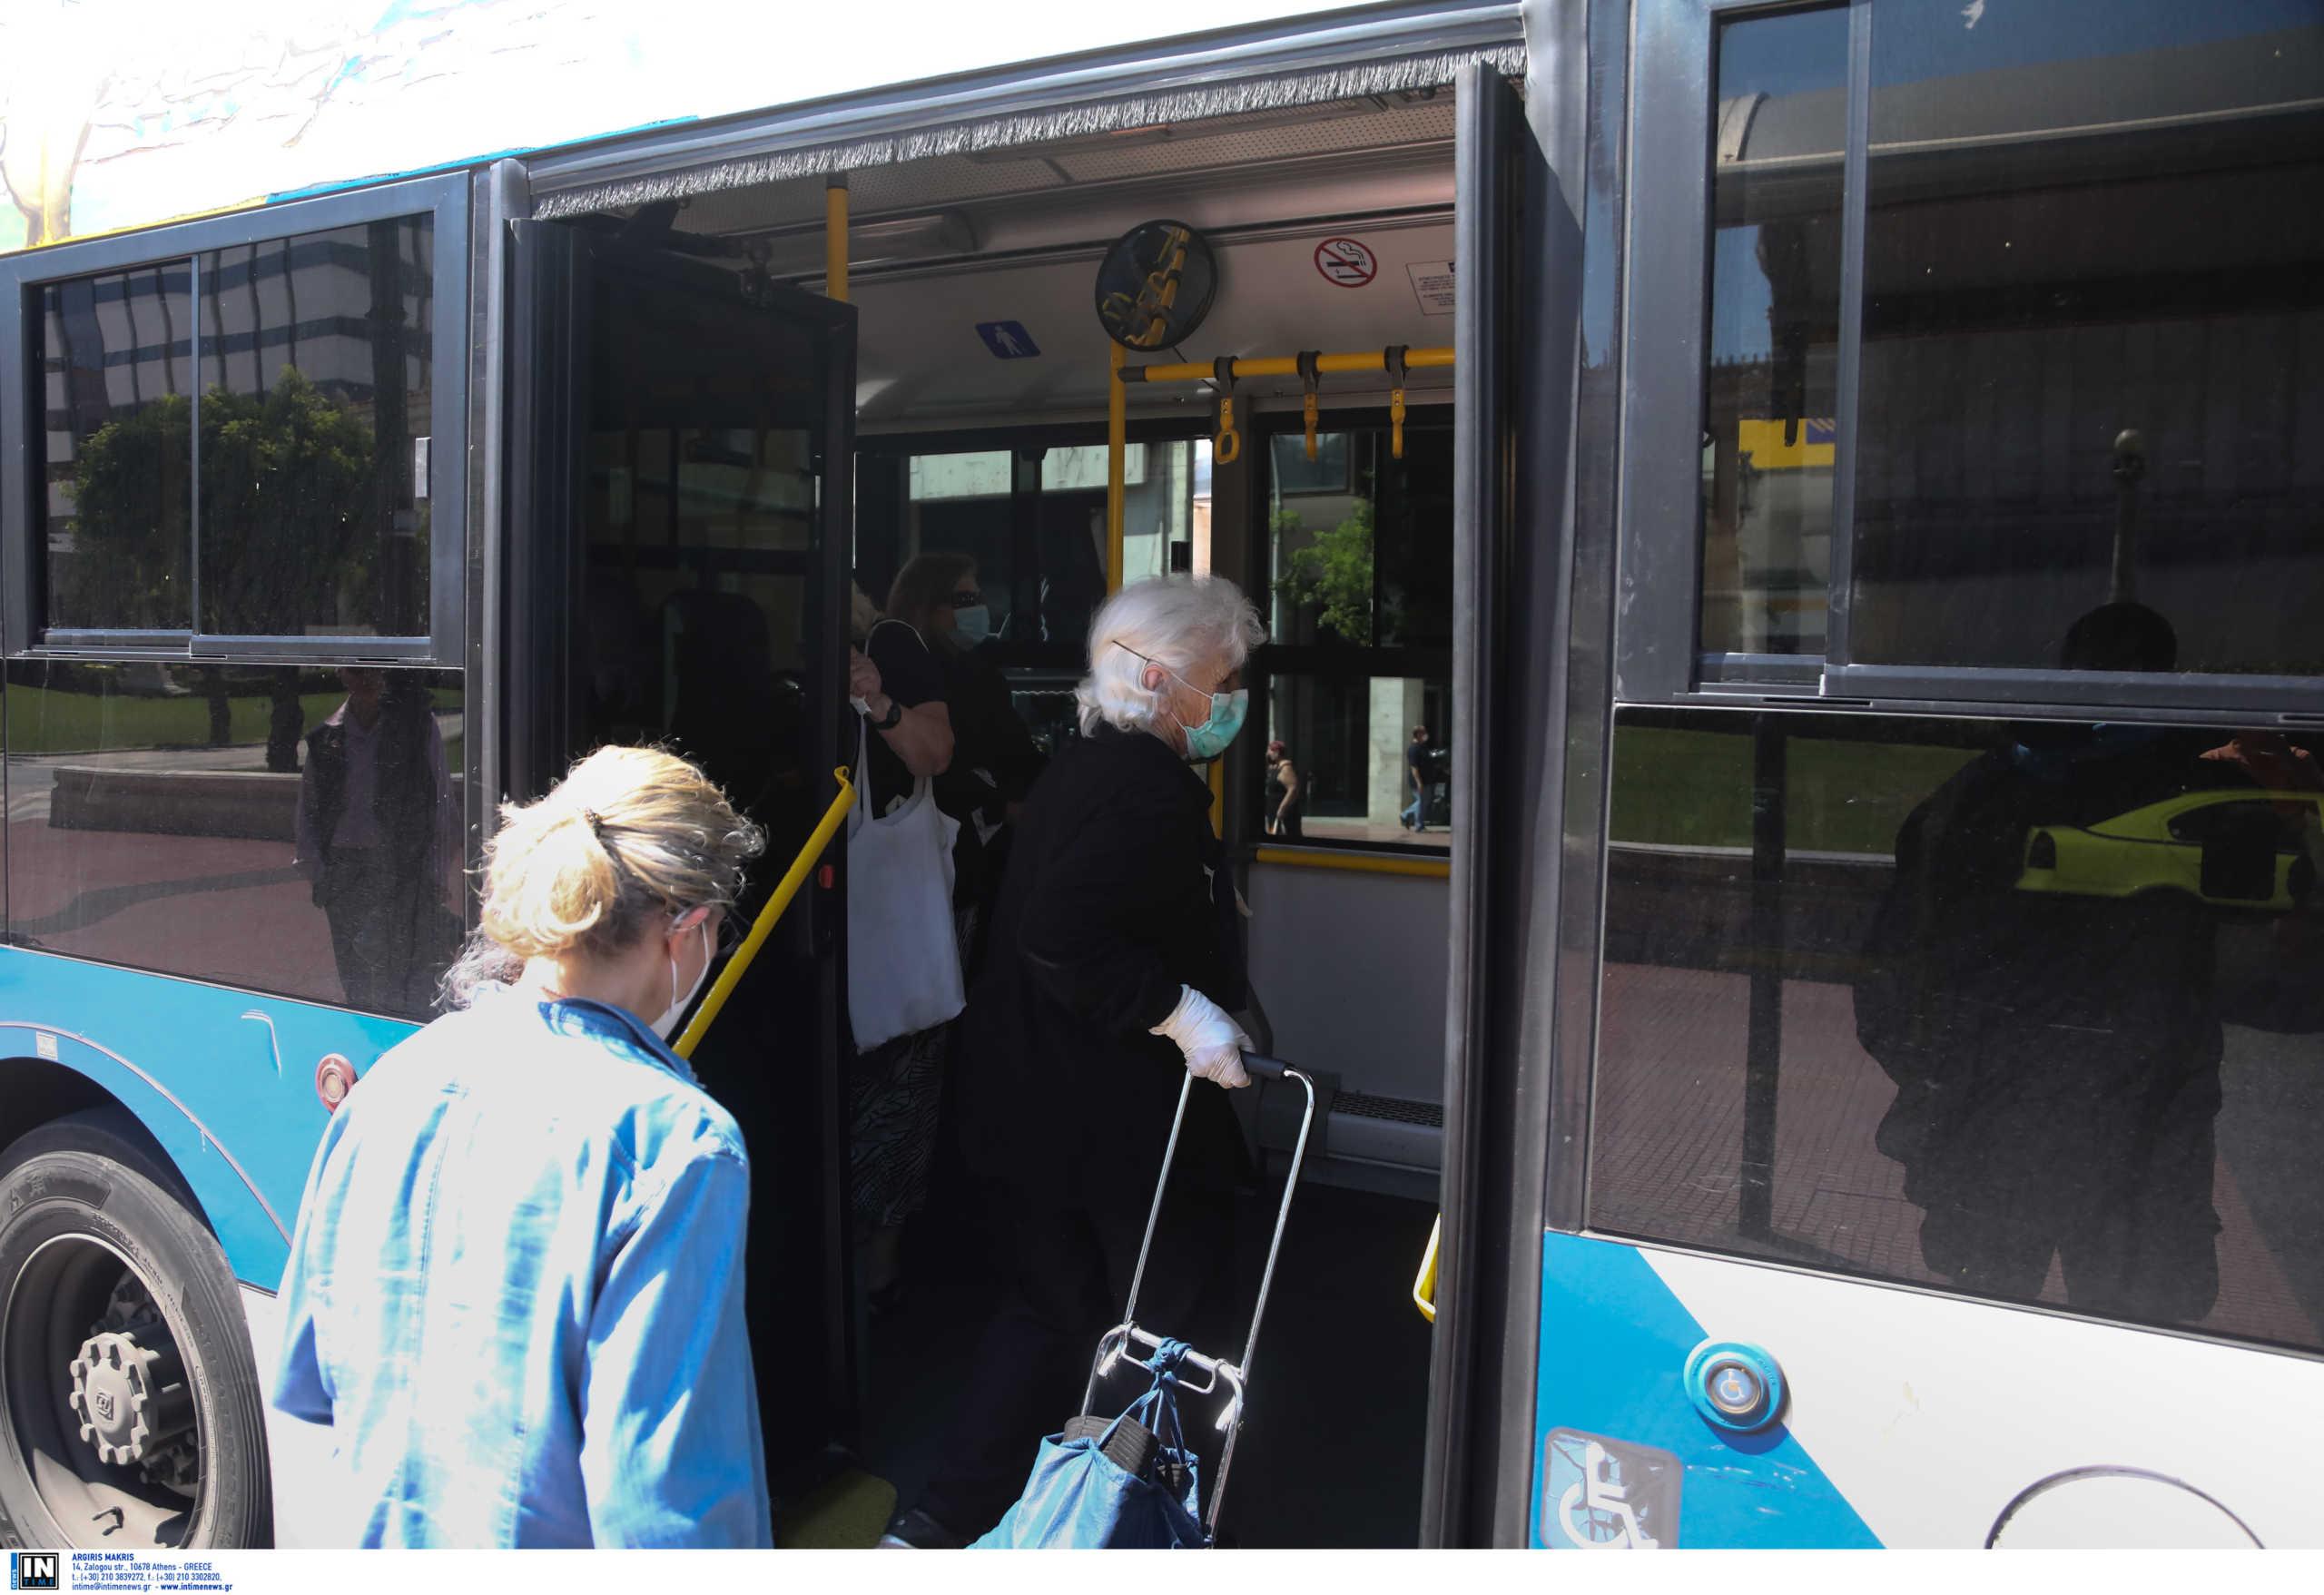 ΟΑΣΑ: Ενισχύεται με 200 λεωφορεία των ΚΤΕΛ Αττικής – Ποιες γραμμές θα εξυπηρετούν